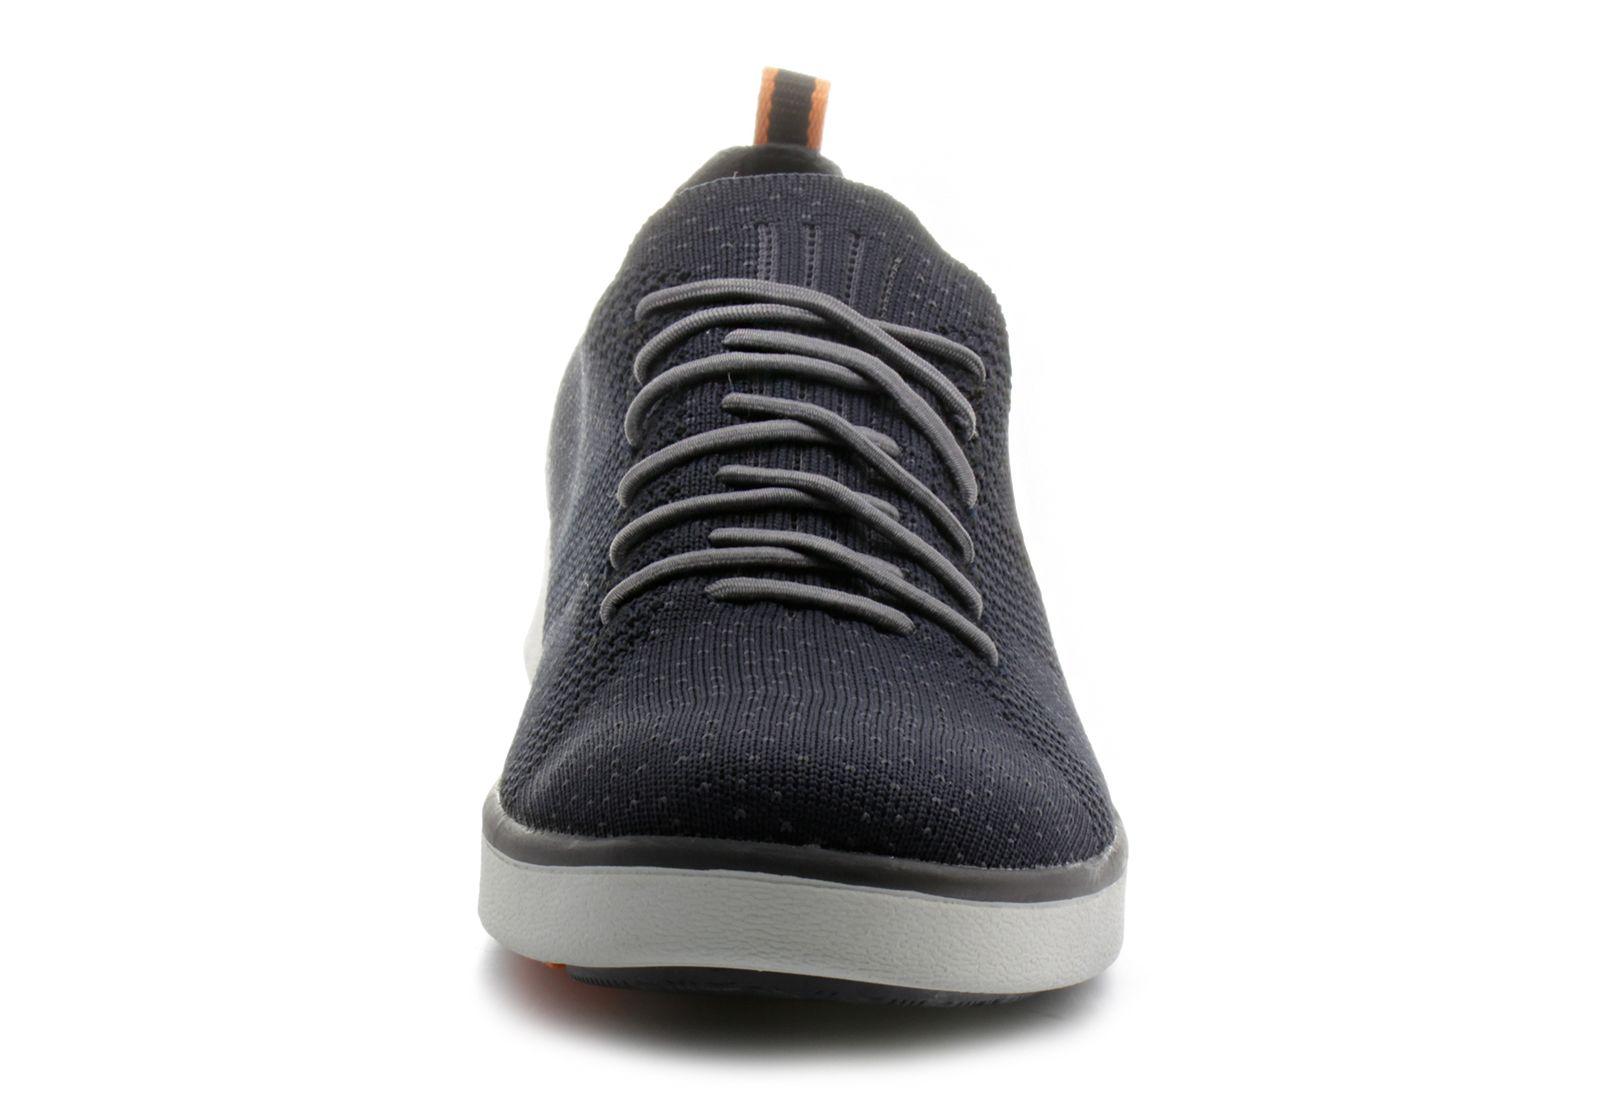 Skechers shoes molsen 65033 blk online shop for for 65033